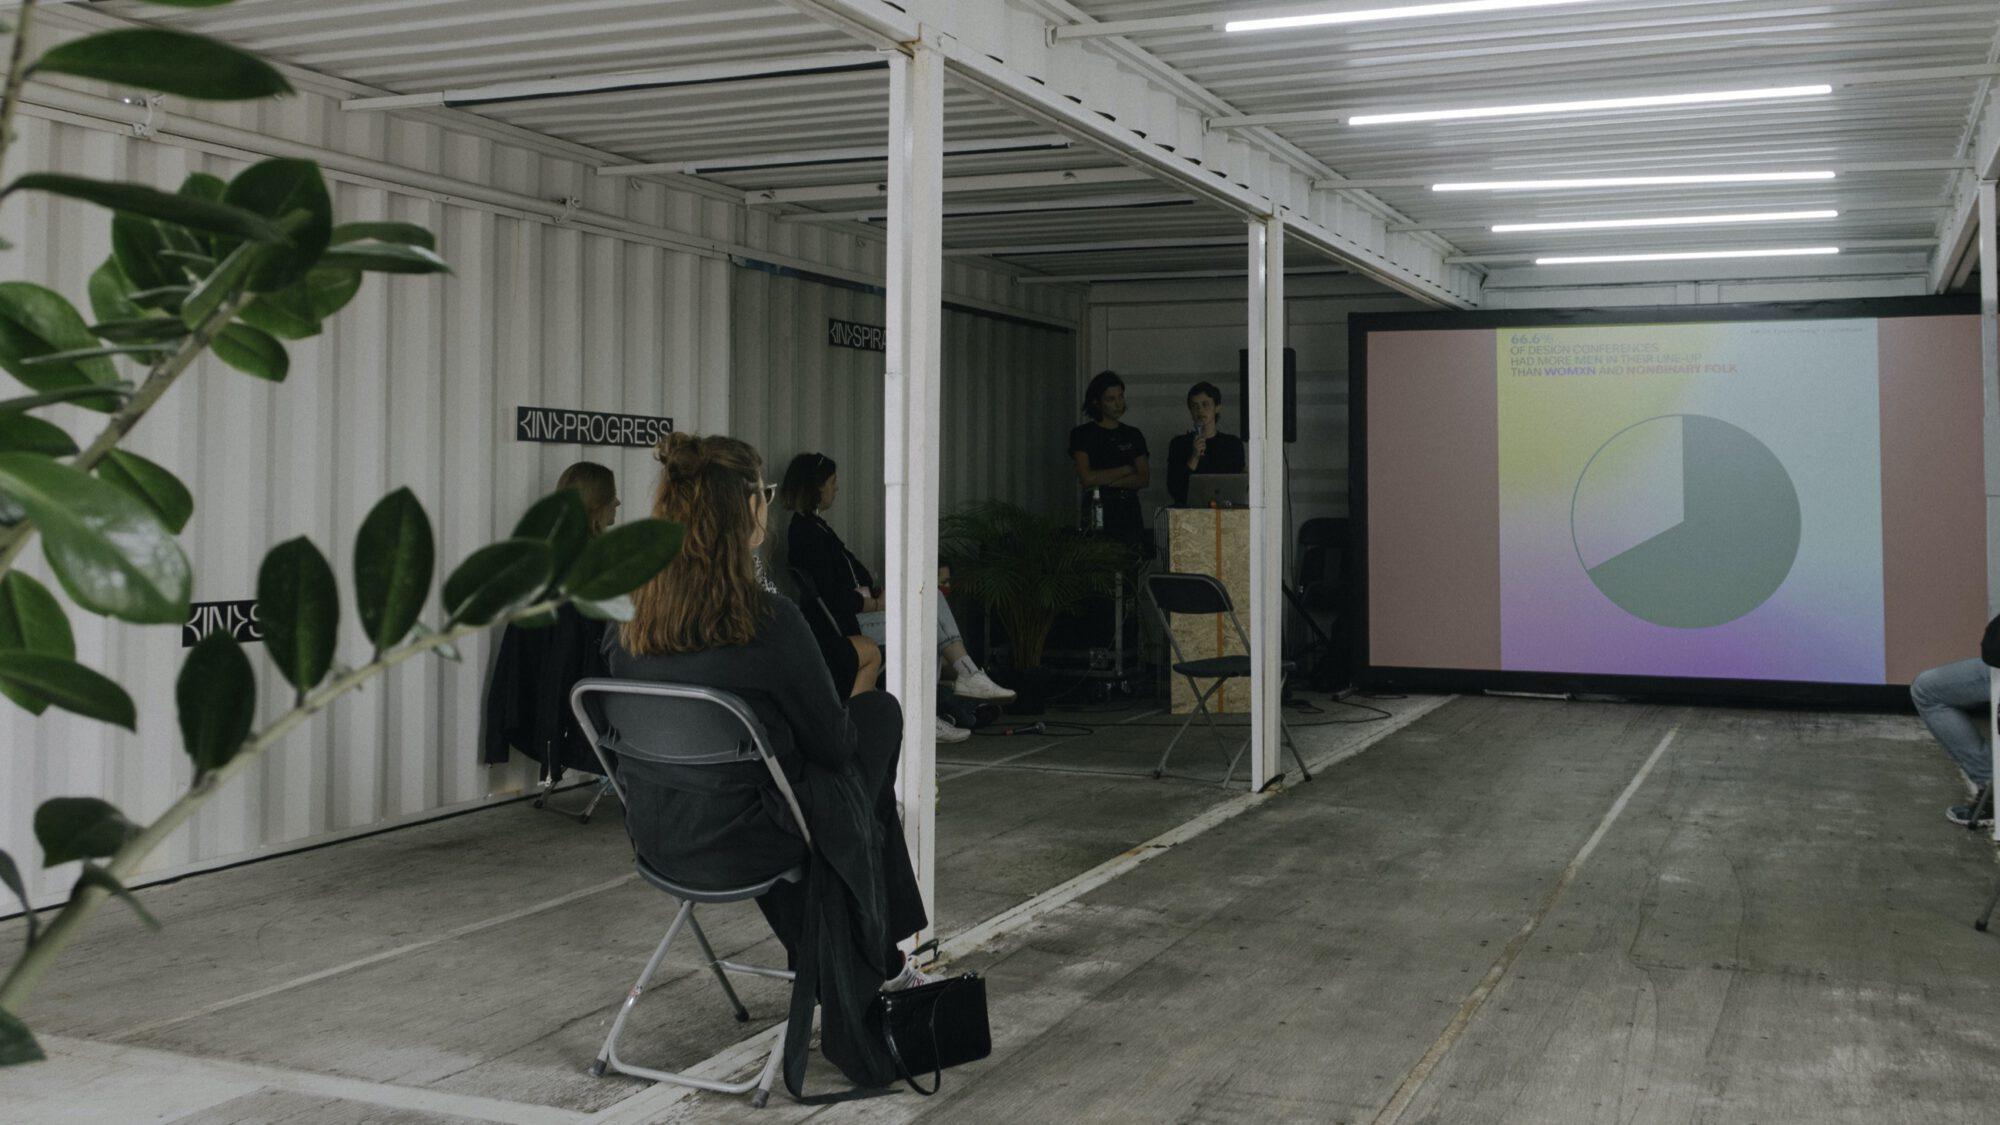 design Vortrag der beiden Gestalterinnen von notamus auf dem Reeperbahn festival in hamburg 2021